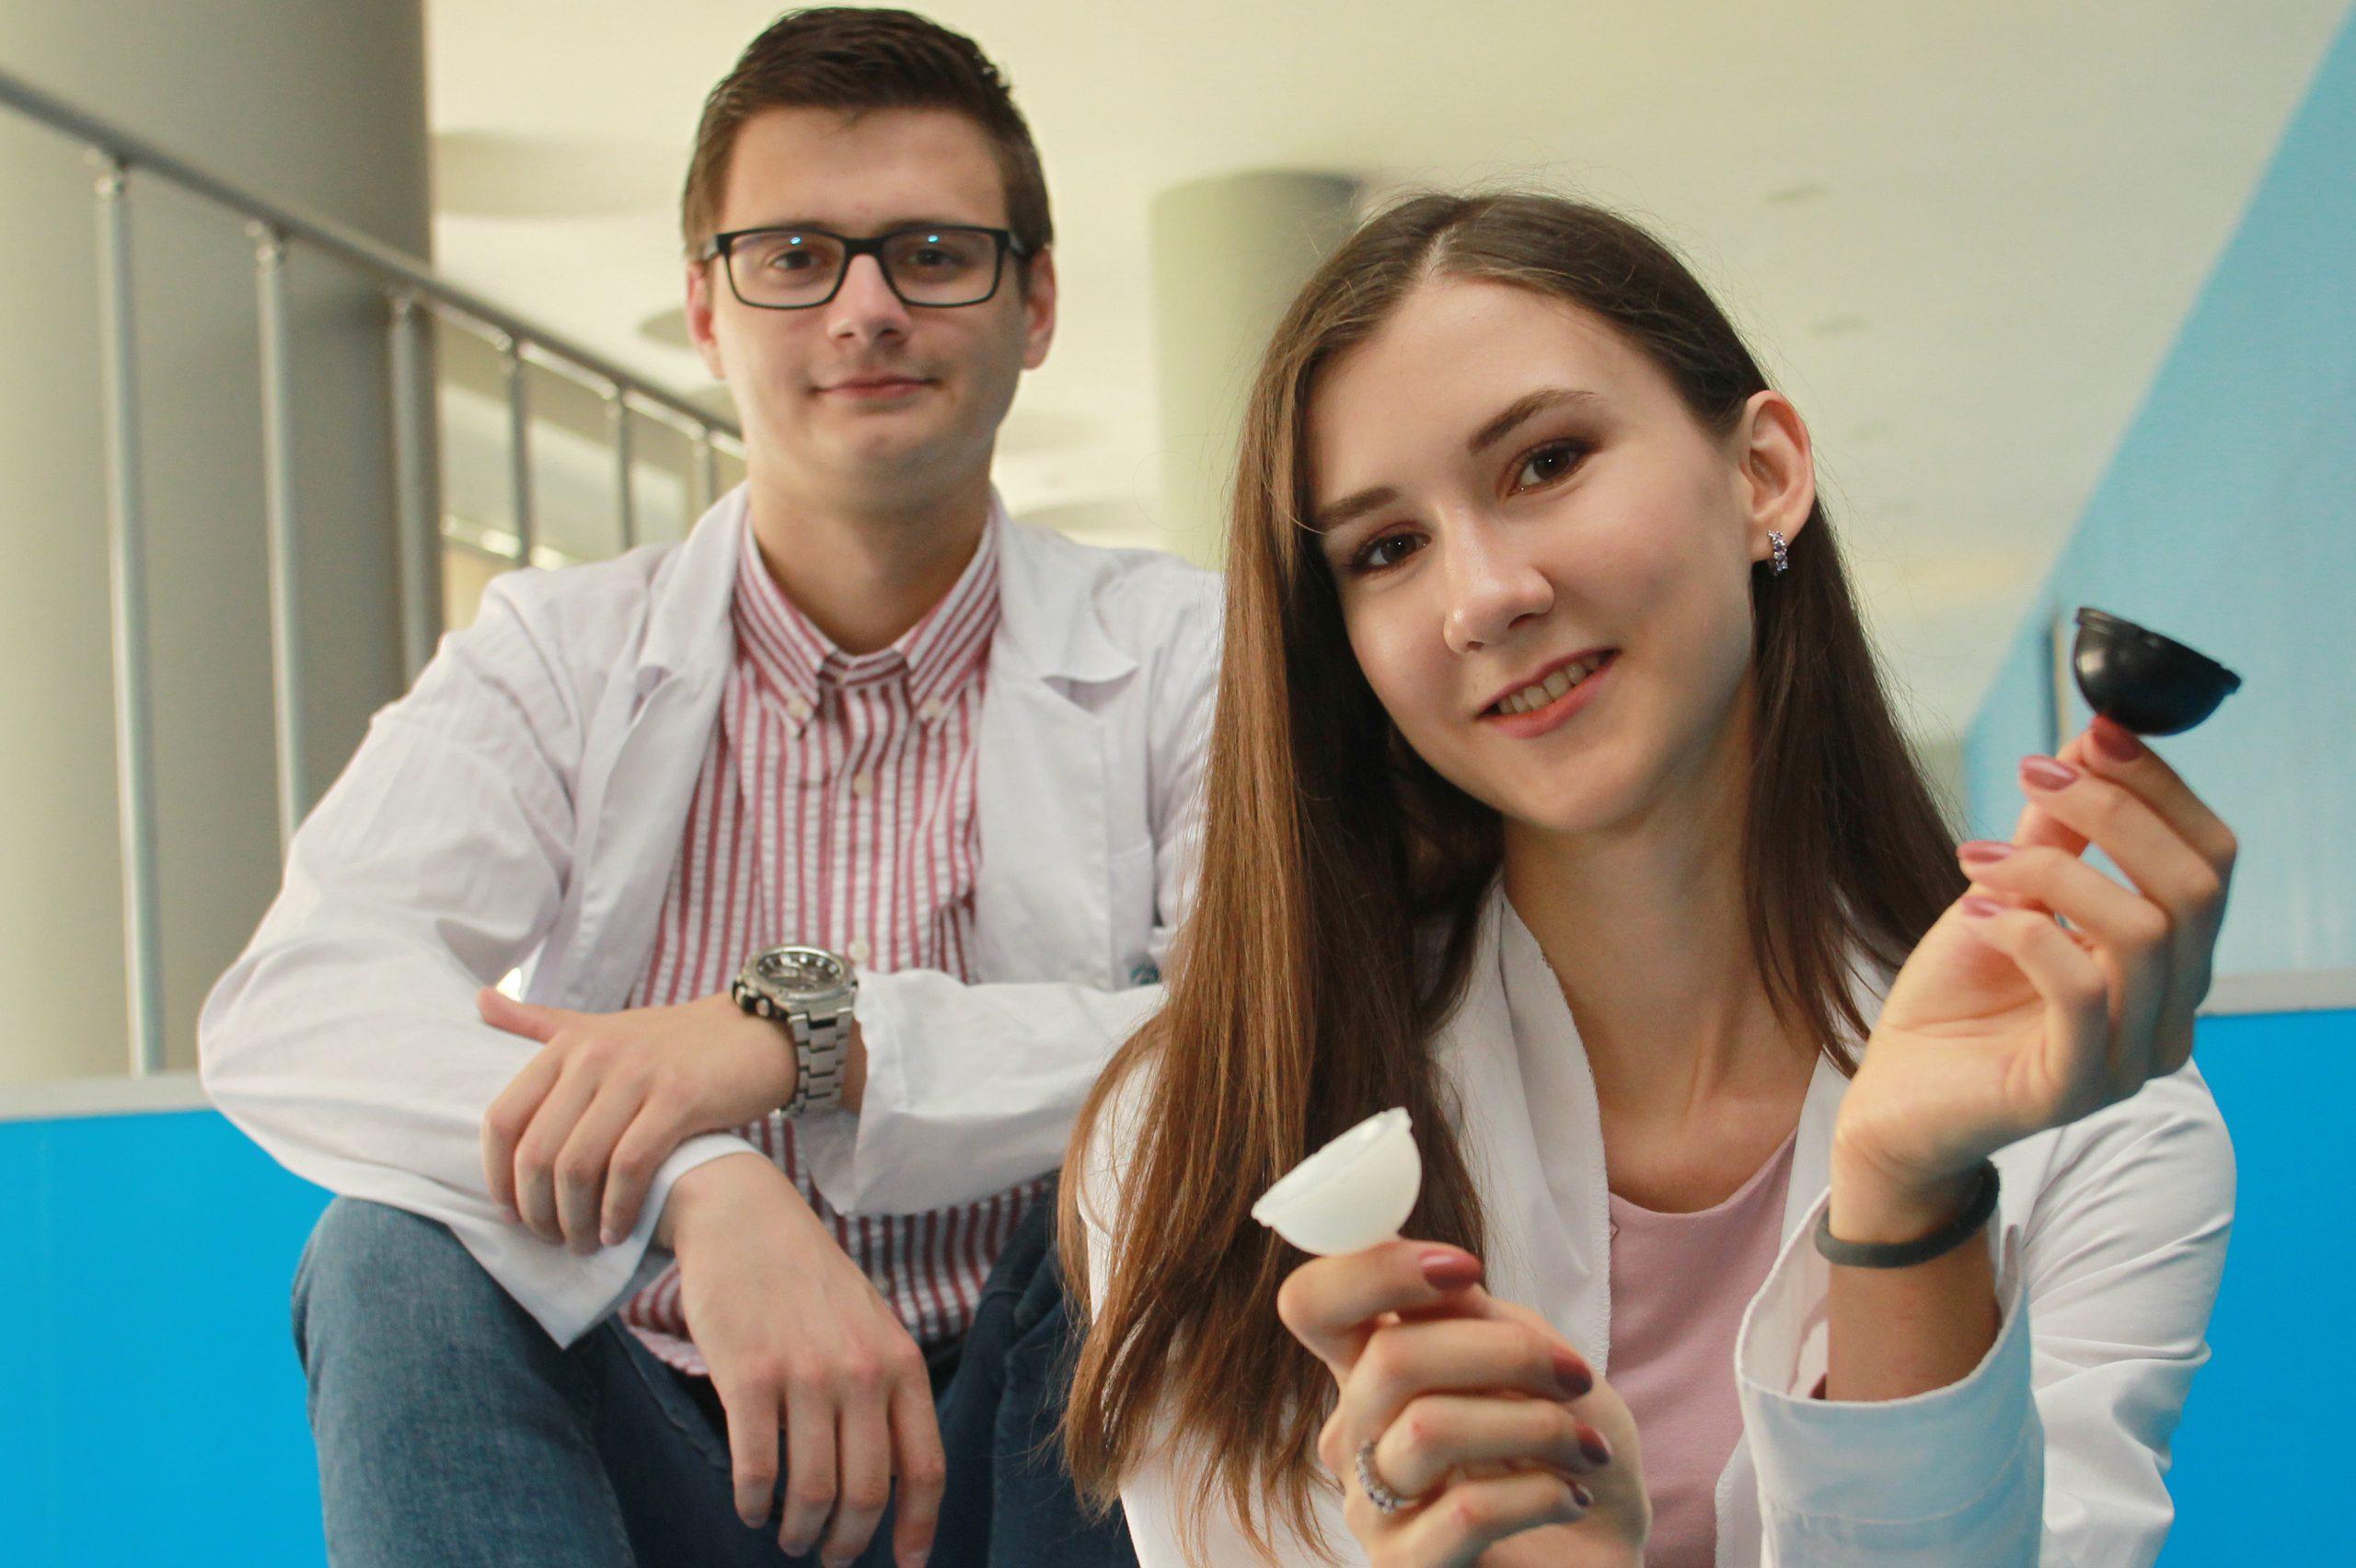 Видеолекторий об известном ученом провели сотрудники Культурного Центра «Ватутинки» в Десеновском